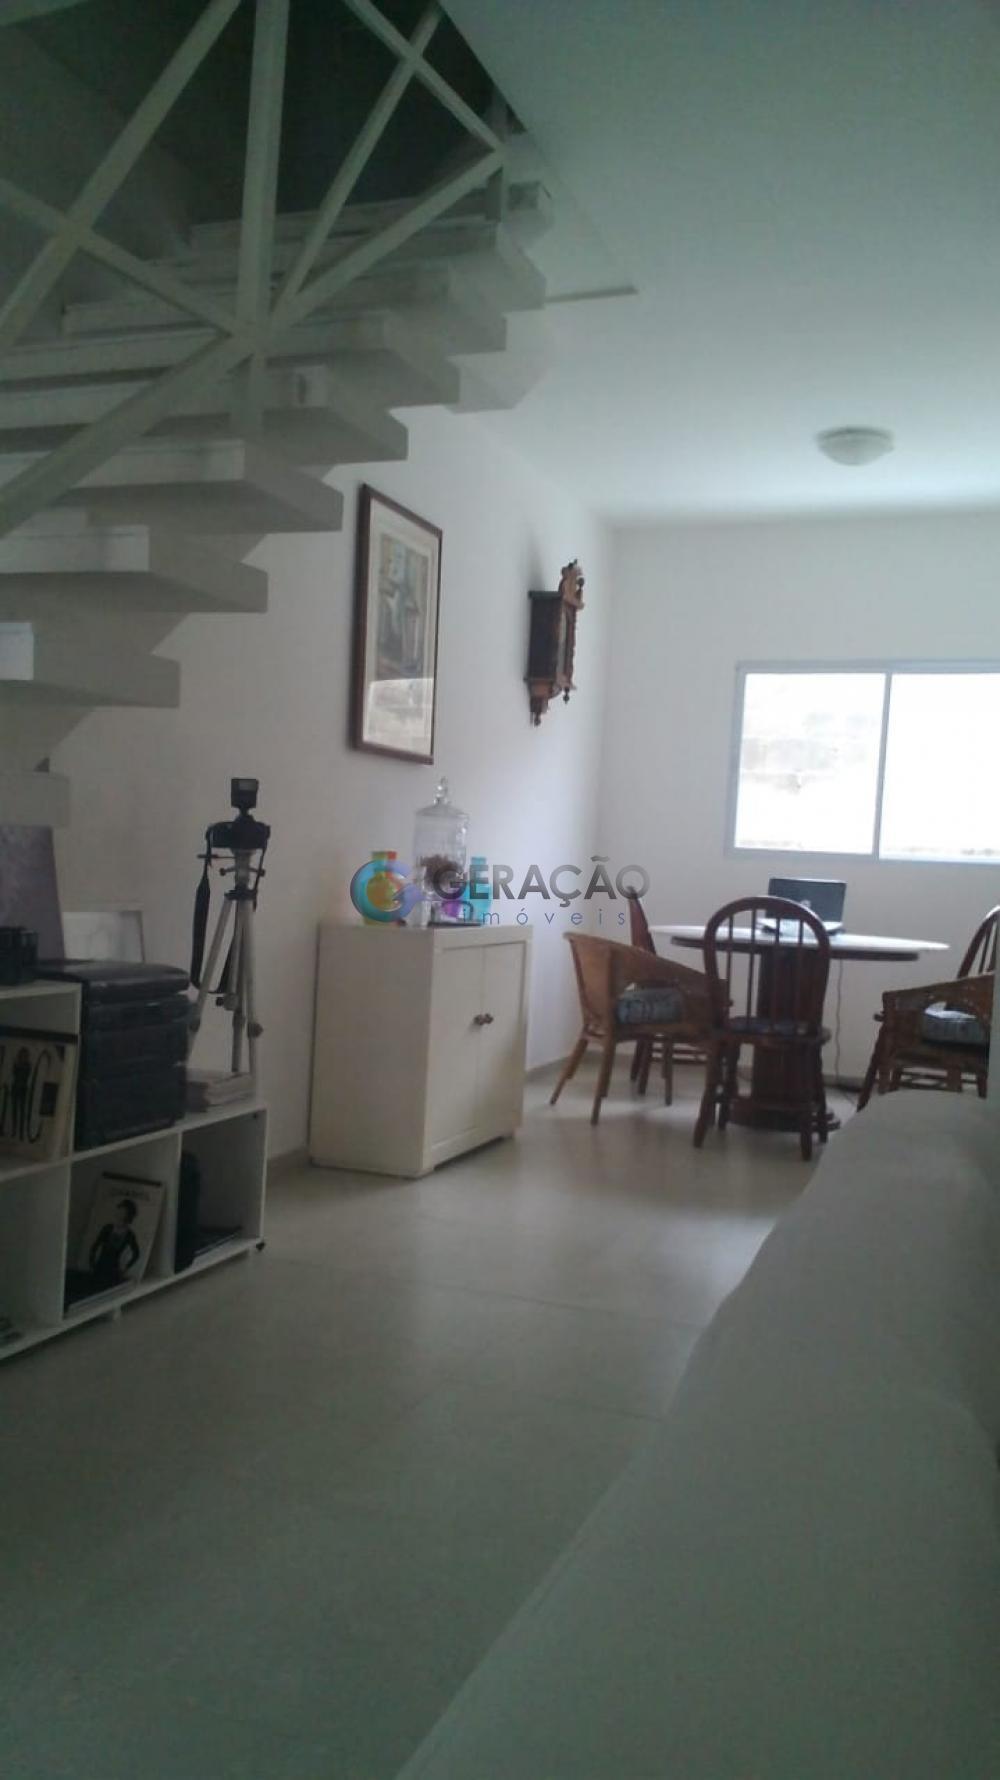 Comprar Casa / Sobrado em São José dos Campos R$ 450.000,00 - Foto 6